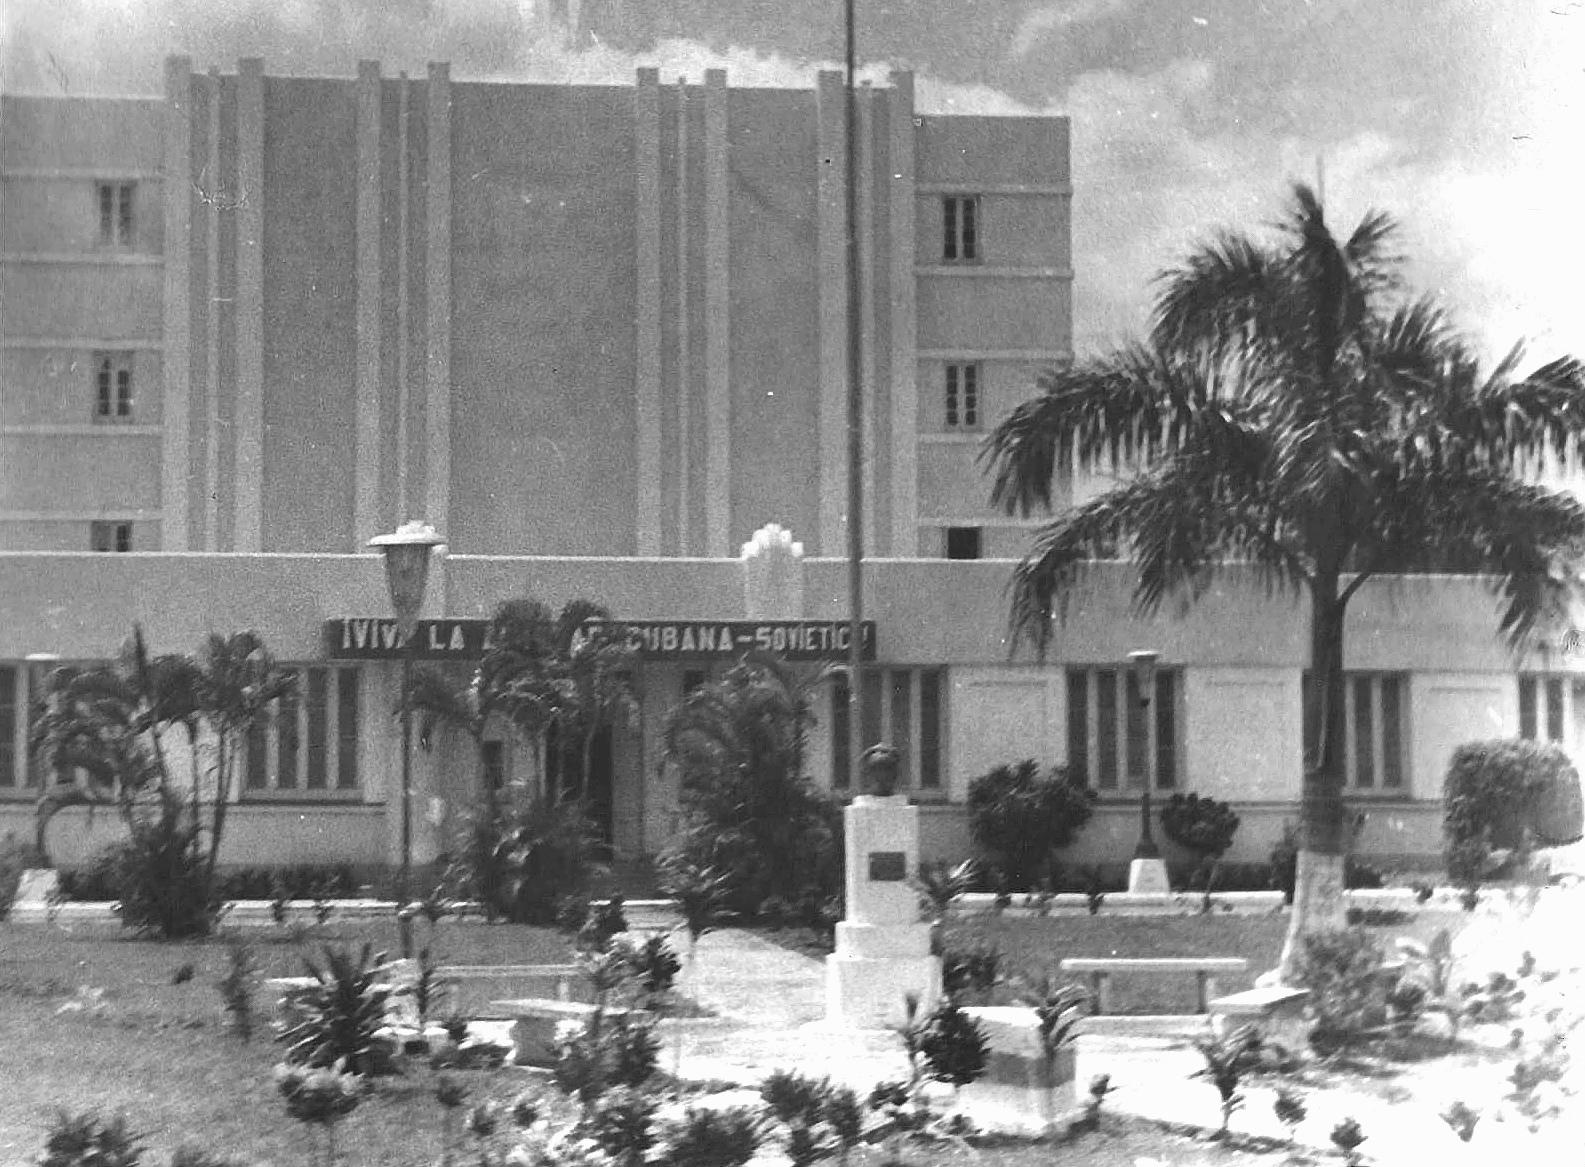 Клуб и штаб 20 отдельного мотострелкового батальона. Торренс, 1967–1968 гг. Из архива Е. Емельянова.